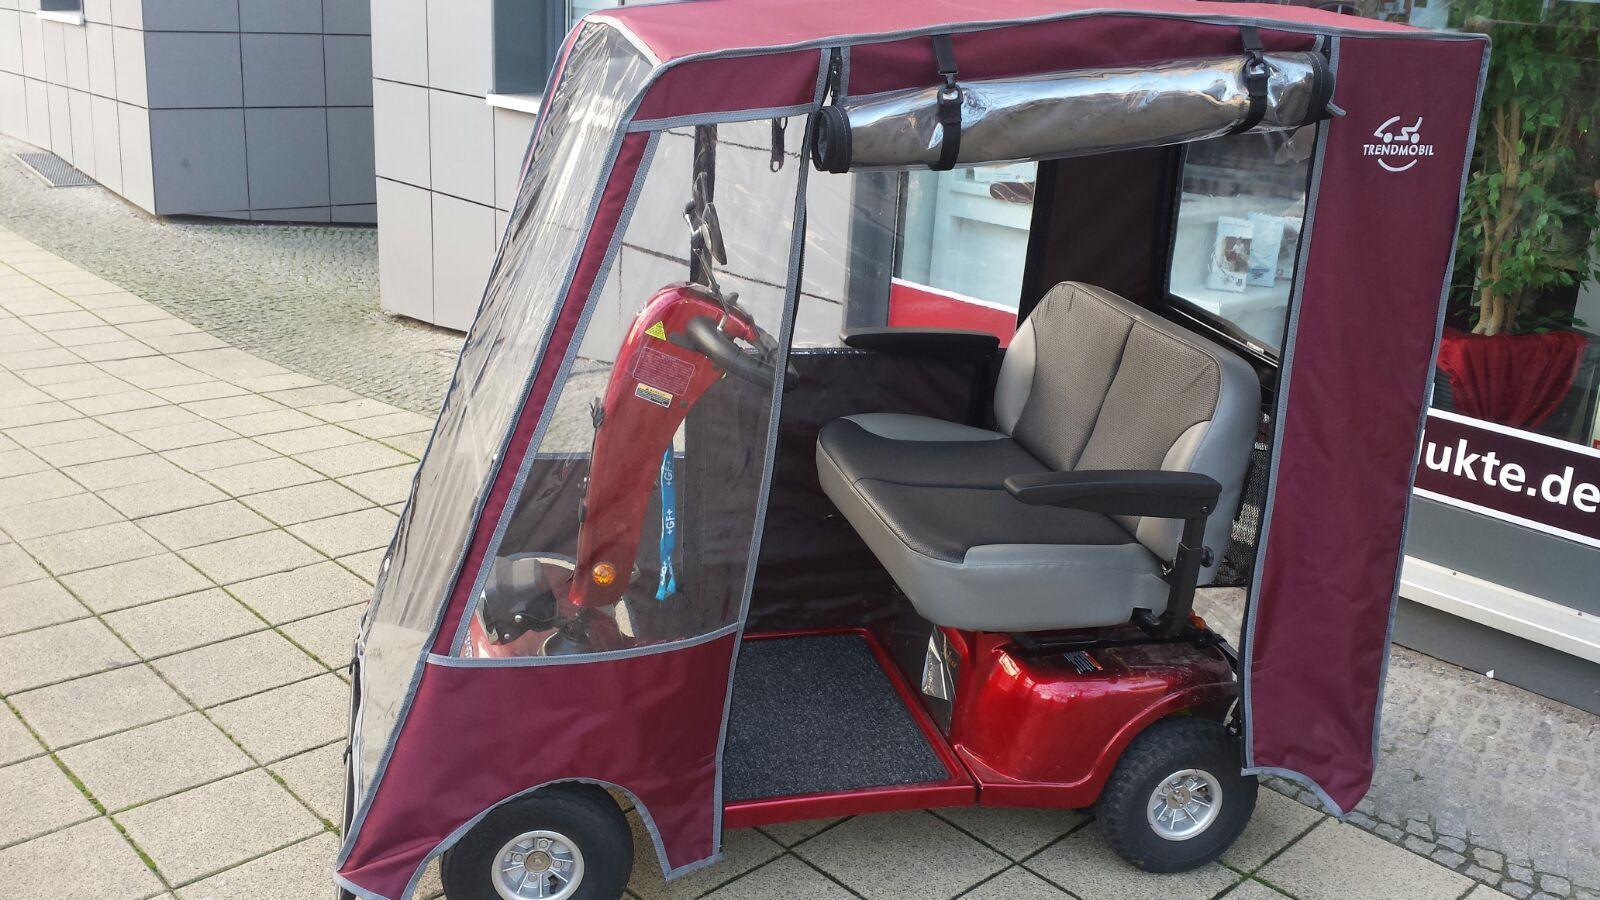 shoprider doppelsitzer elektromobil mit wetterdach. Black Bedroom Furniture Sets. Home Design Ideas